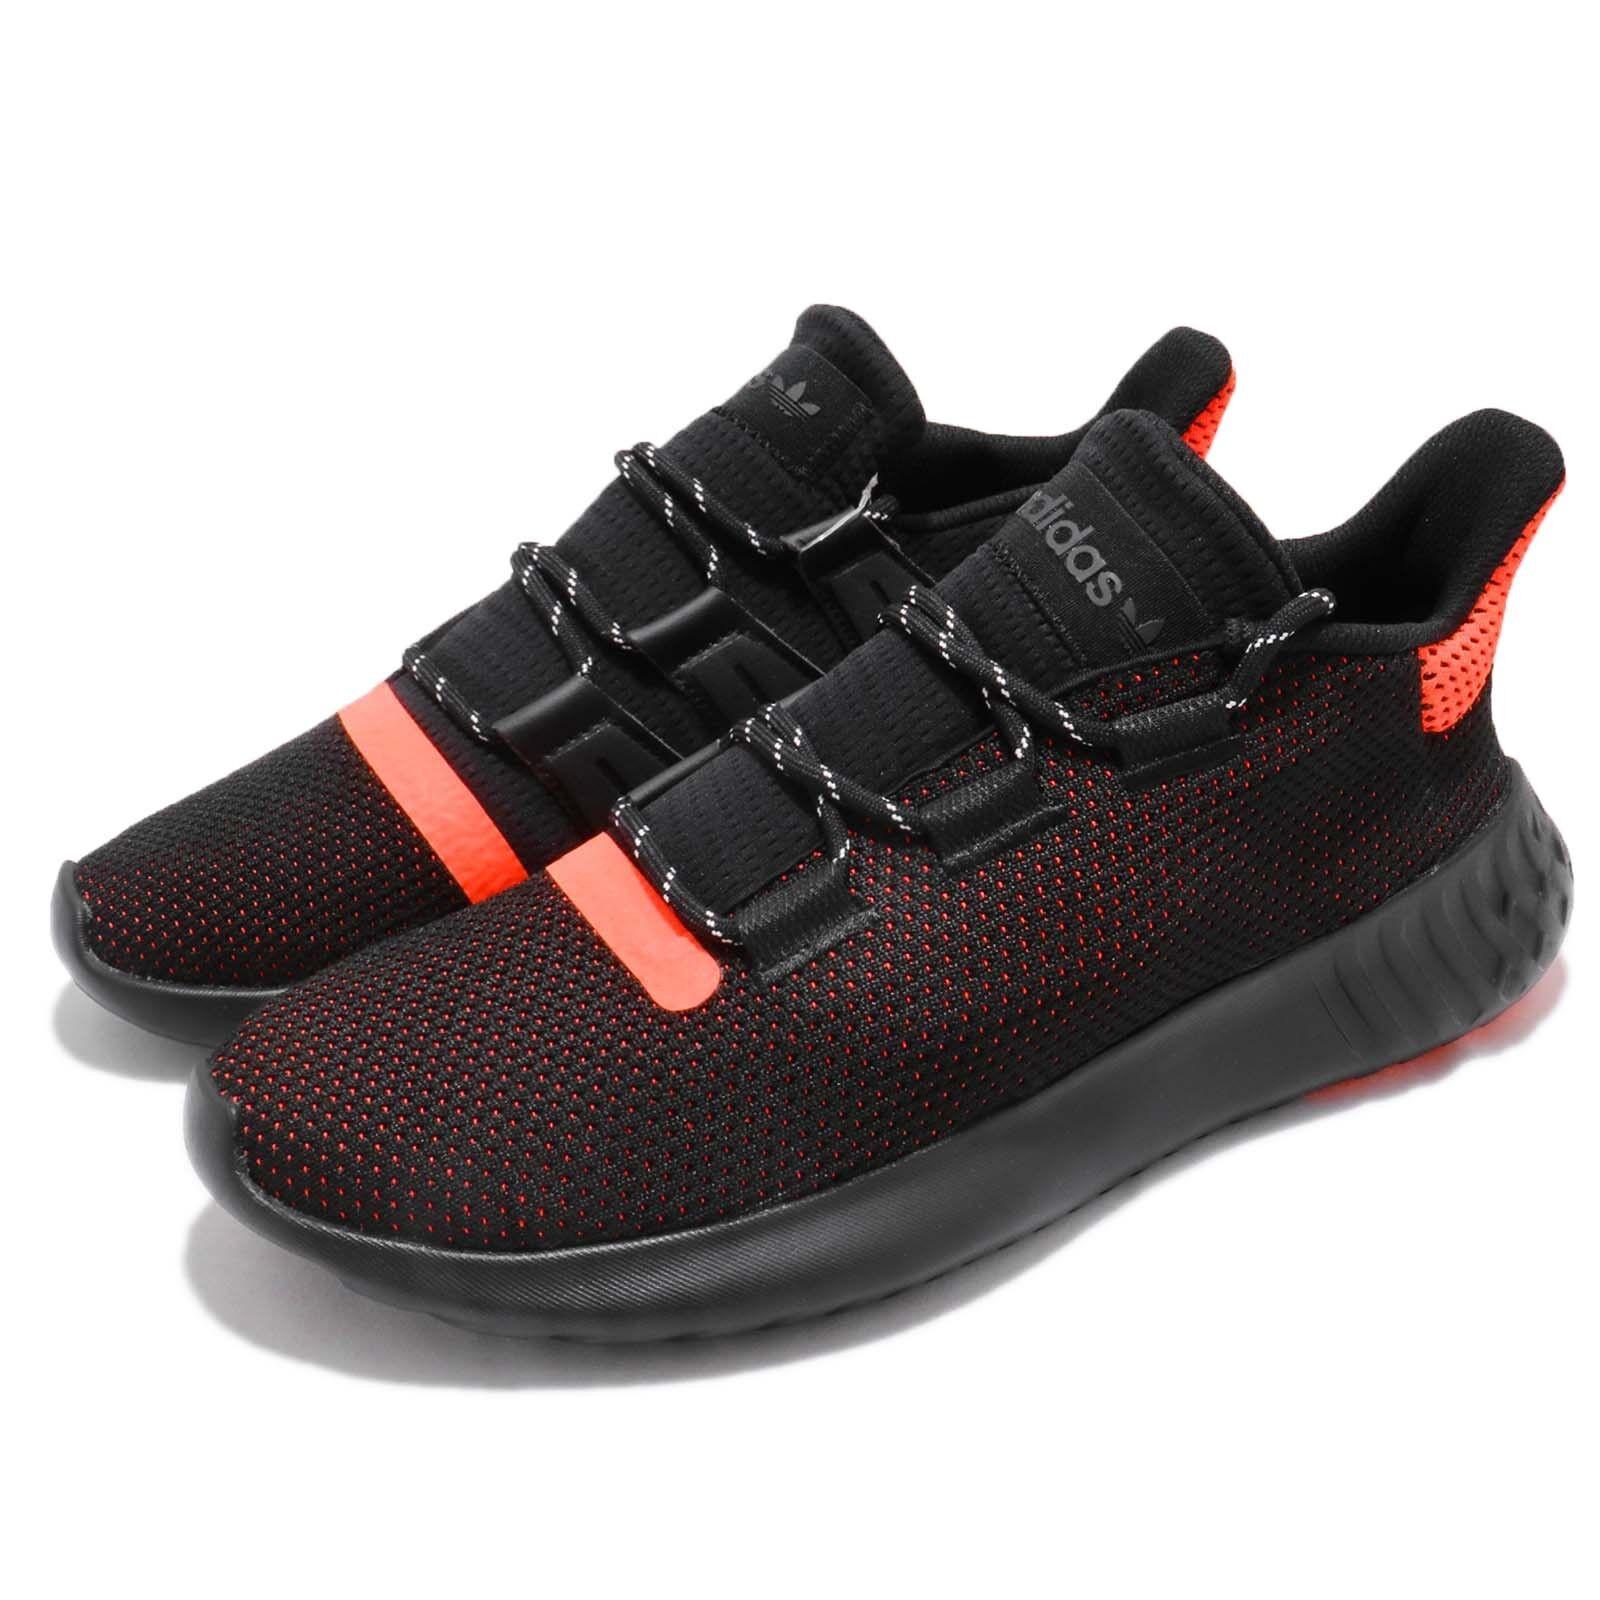 Adidas Originals Tubular Dusk nero Solar rosso rosso rosso Men Running scarpe scarpe da ginnastica AQ1189 eeea1d